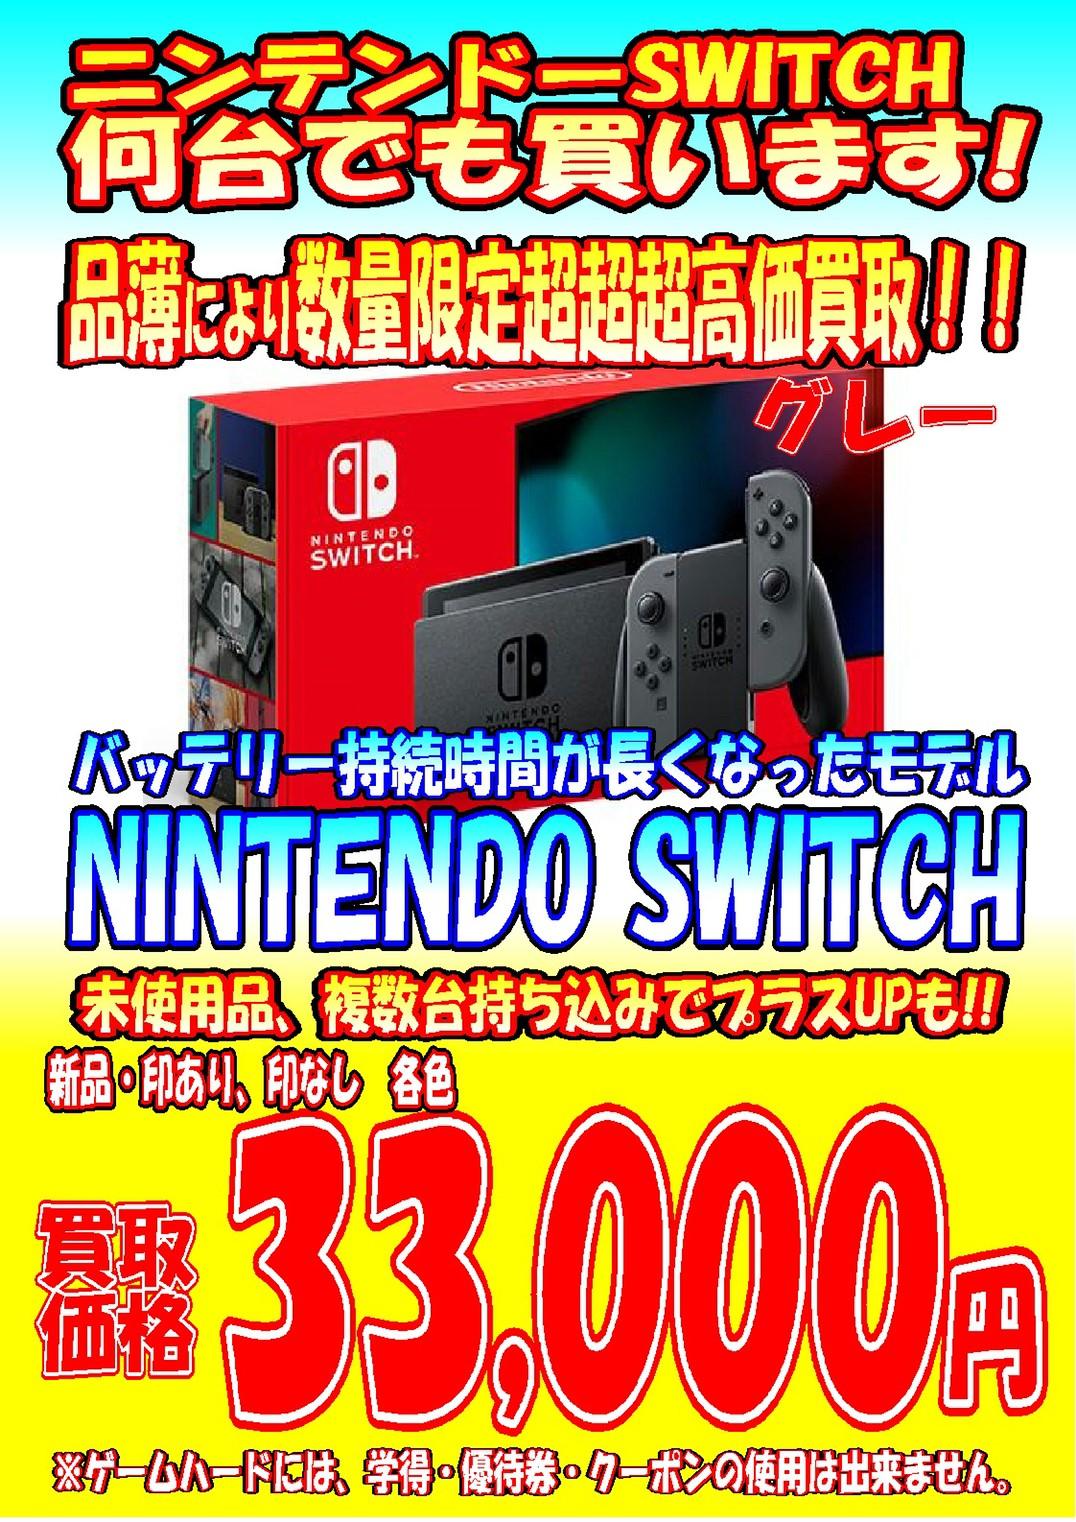 買取 switch 価格 ライト ニンテンドースイッチの買取相場表|ゲーム機の買取専門店【買取wiki】東京